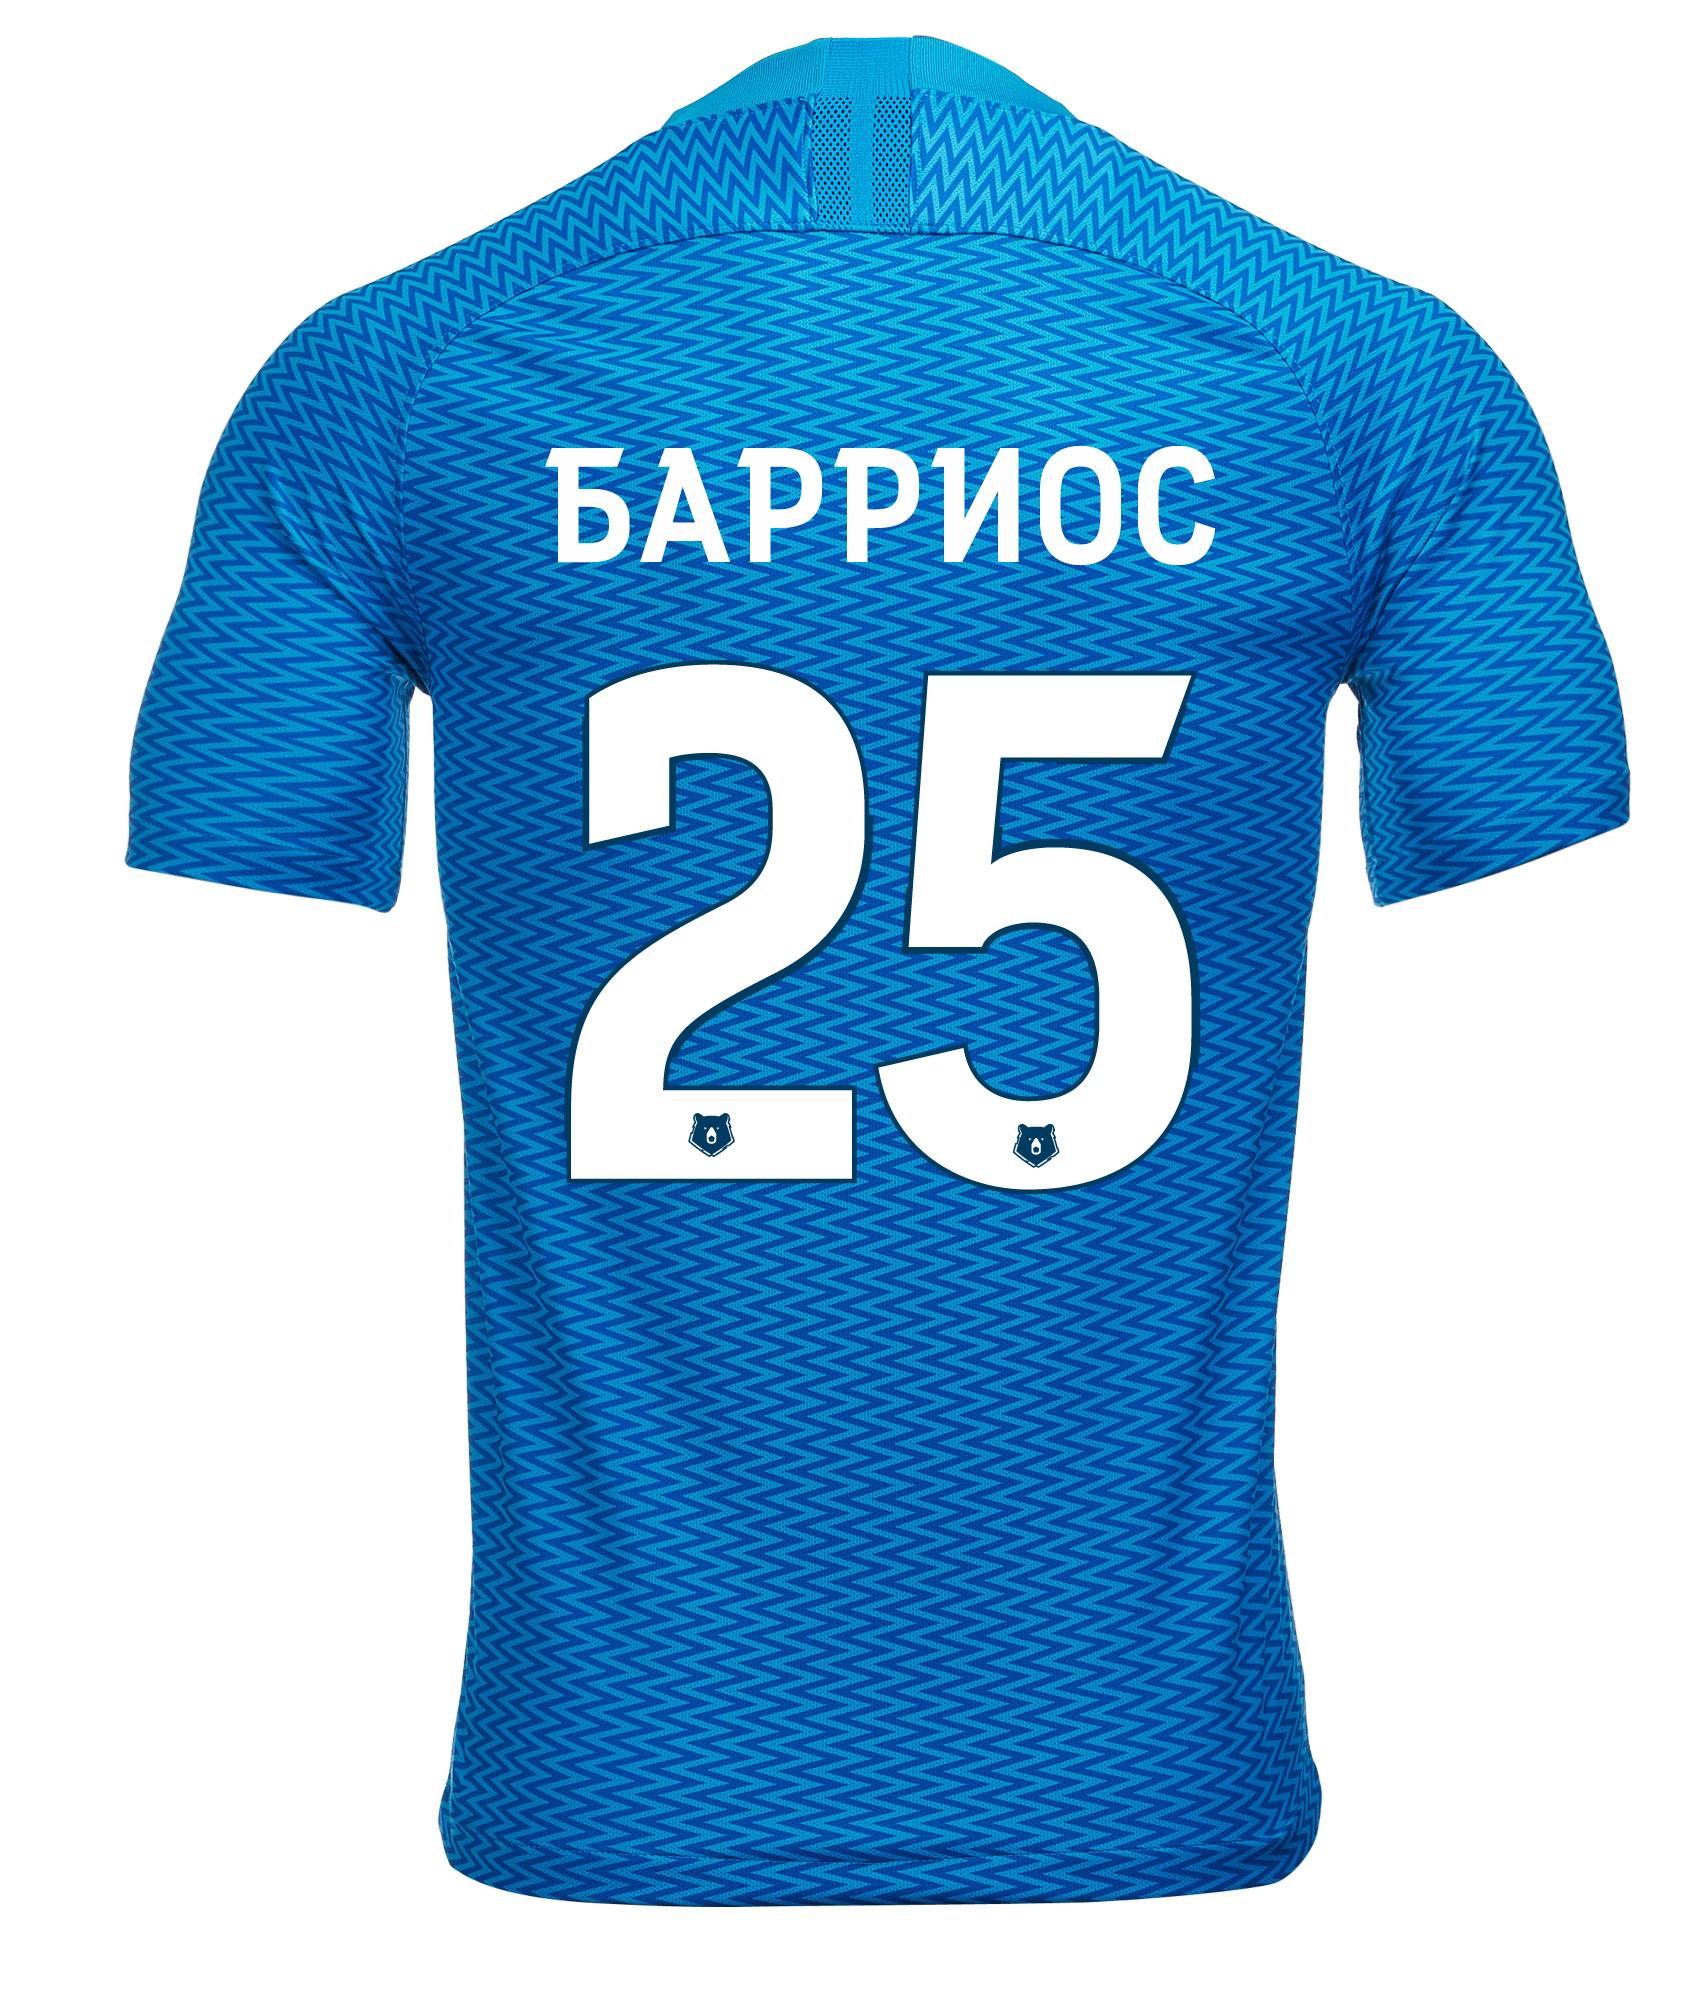 Домашняя игровая футболка Nike Барриос 25 2018/19 Зенит футболка игровая домашняя nike barcelona 2018 19